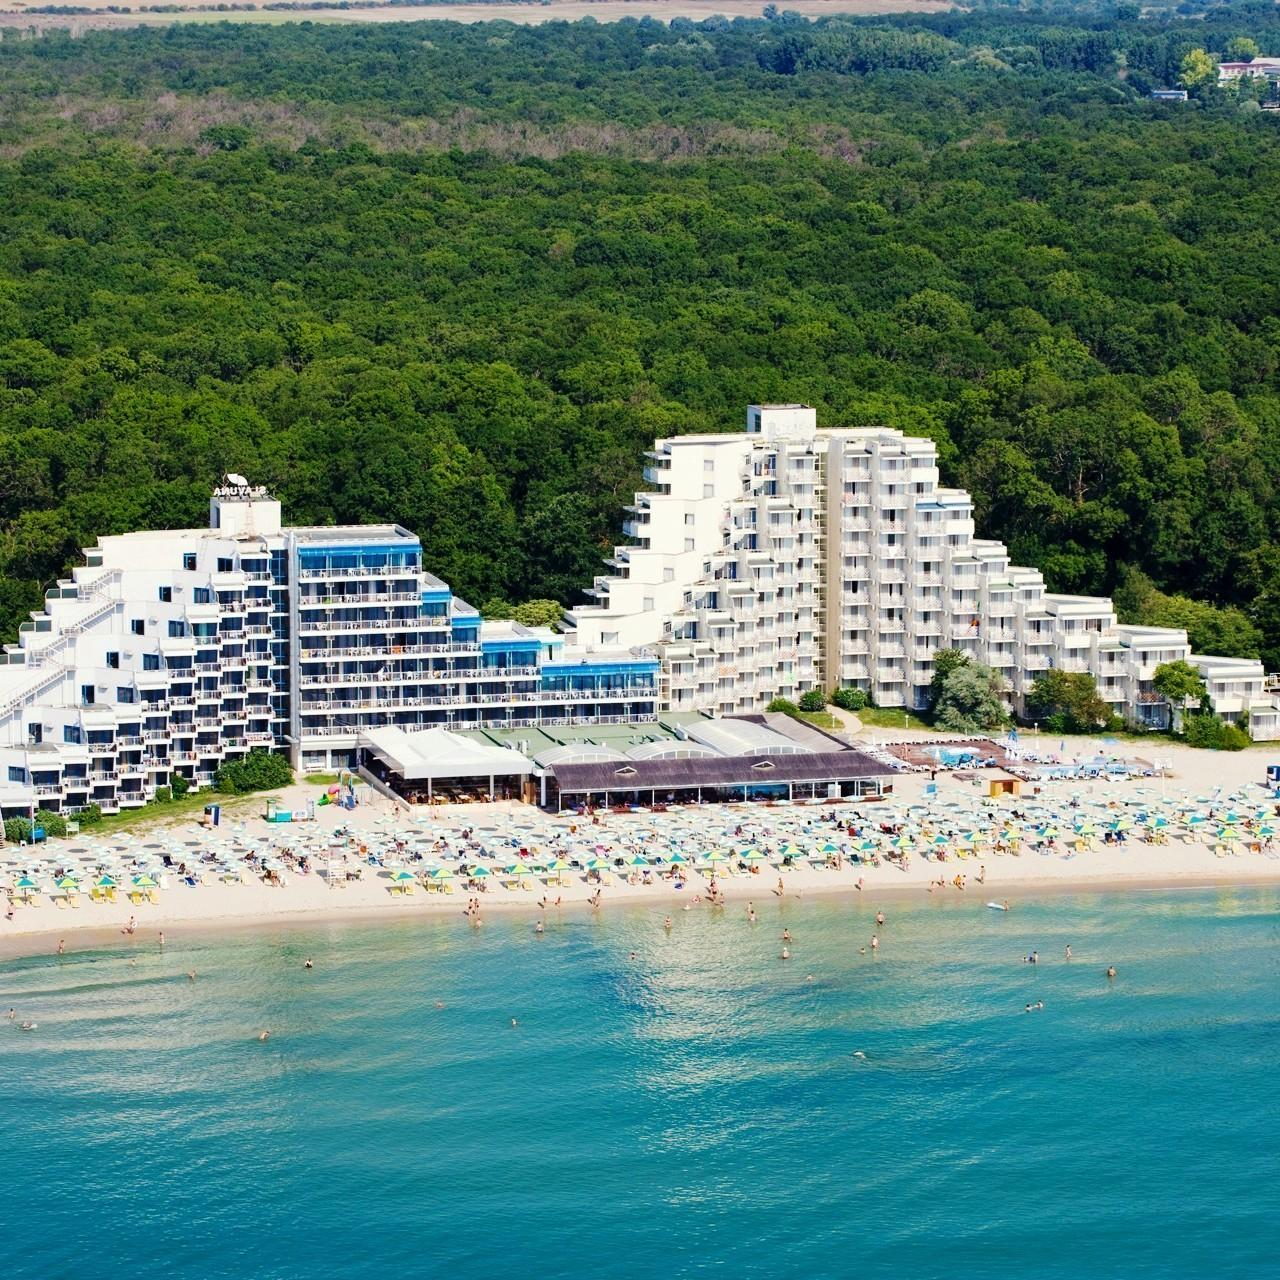 албена болгария отели